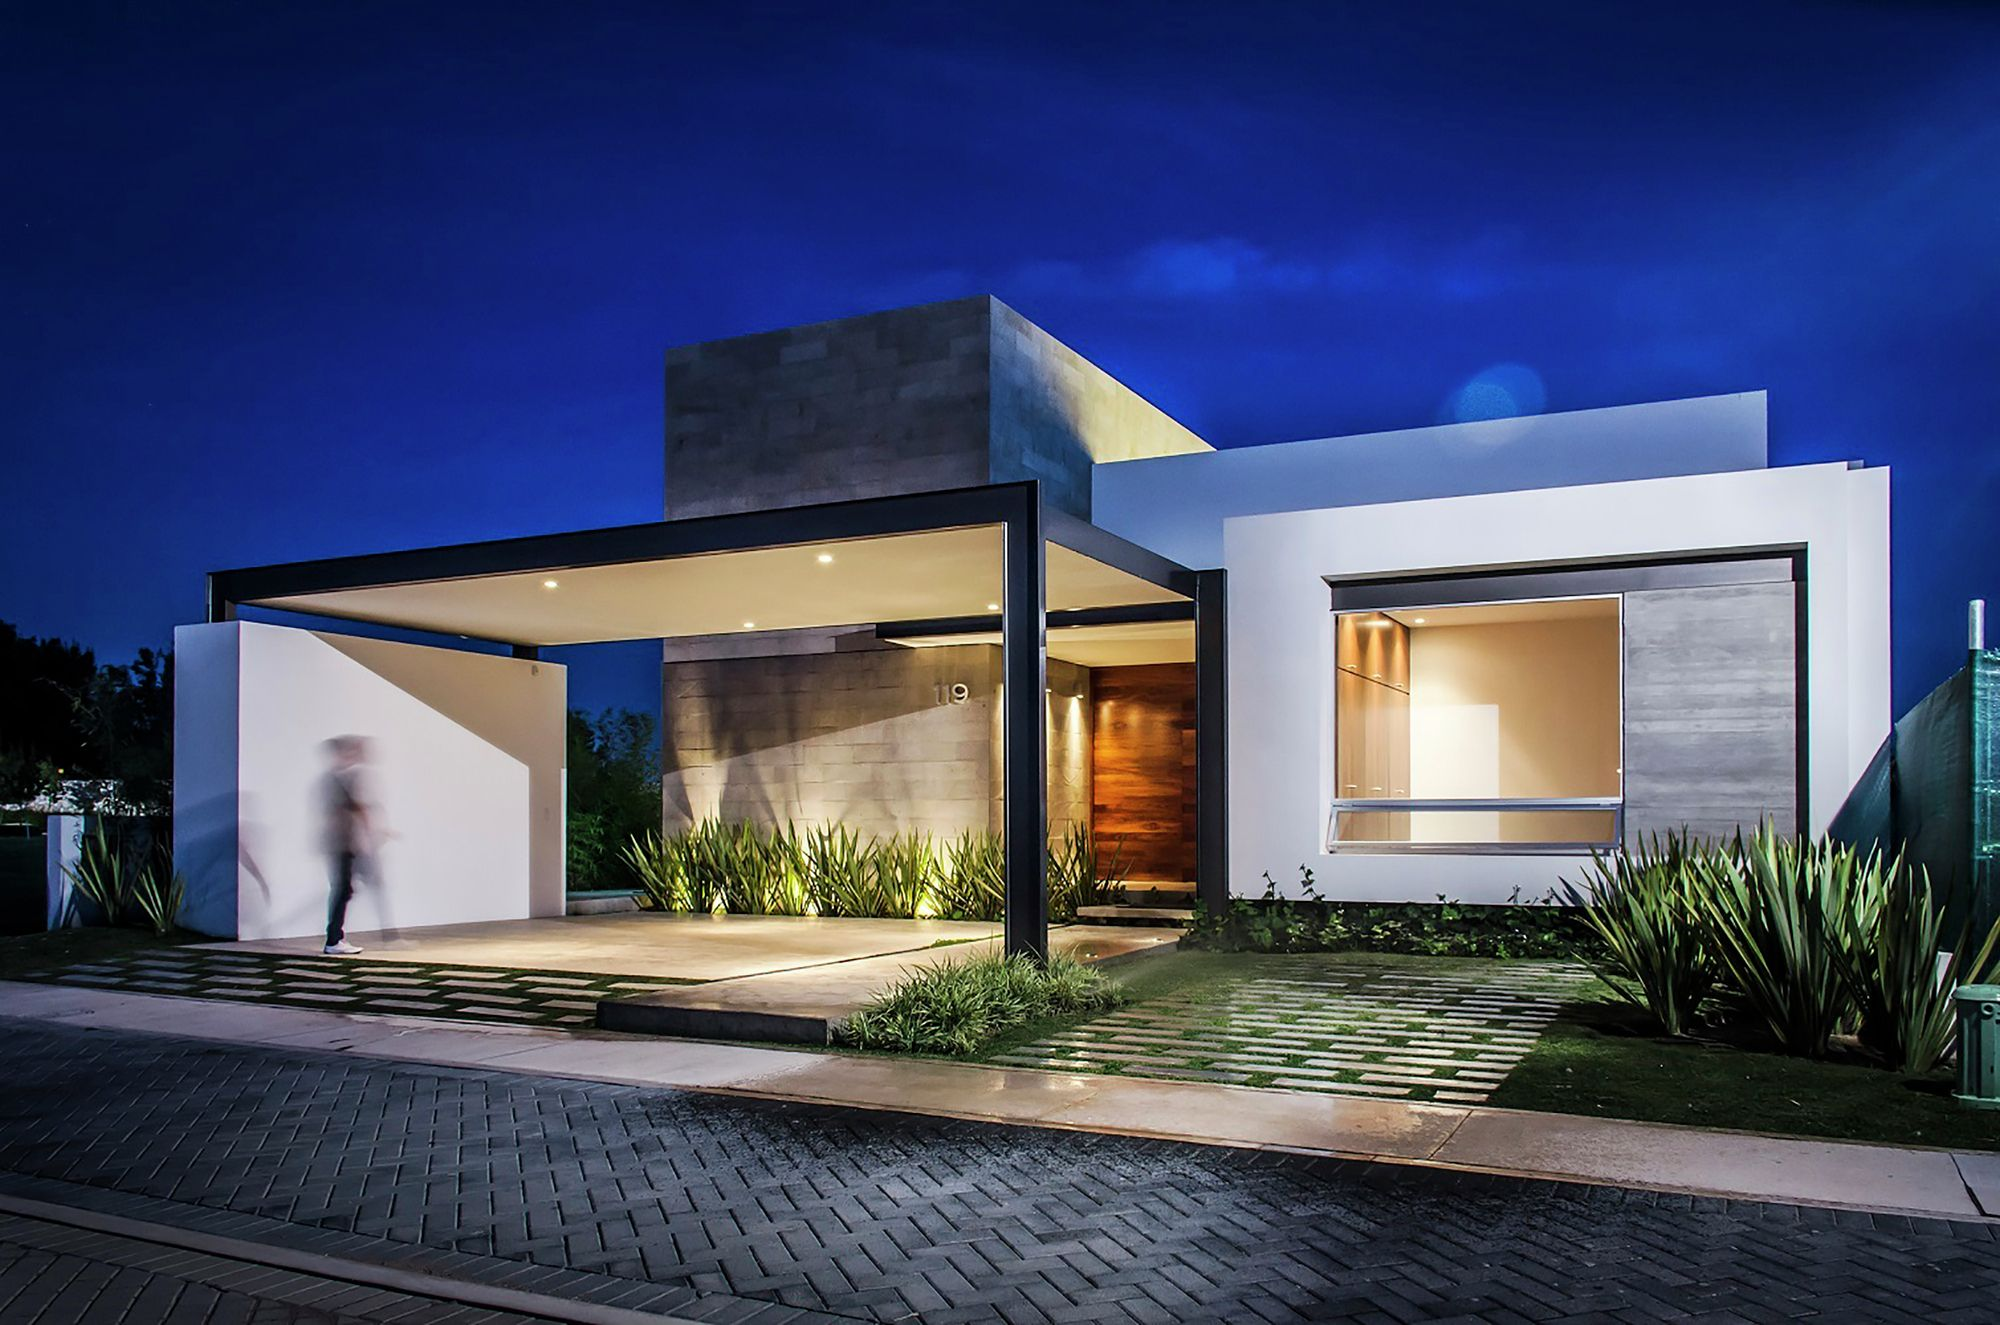 Dise o de casa moderna de un piso con tres dormitorios - Disenos de cuartos ...